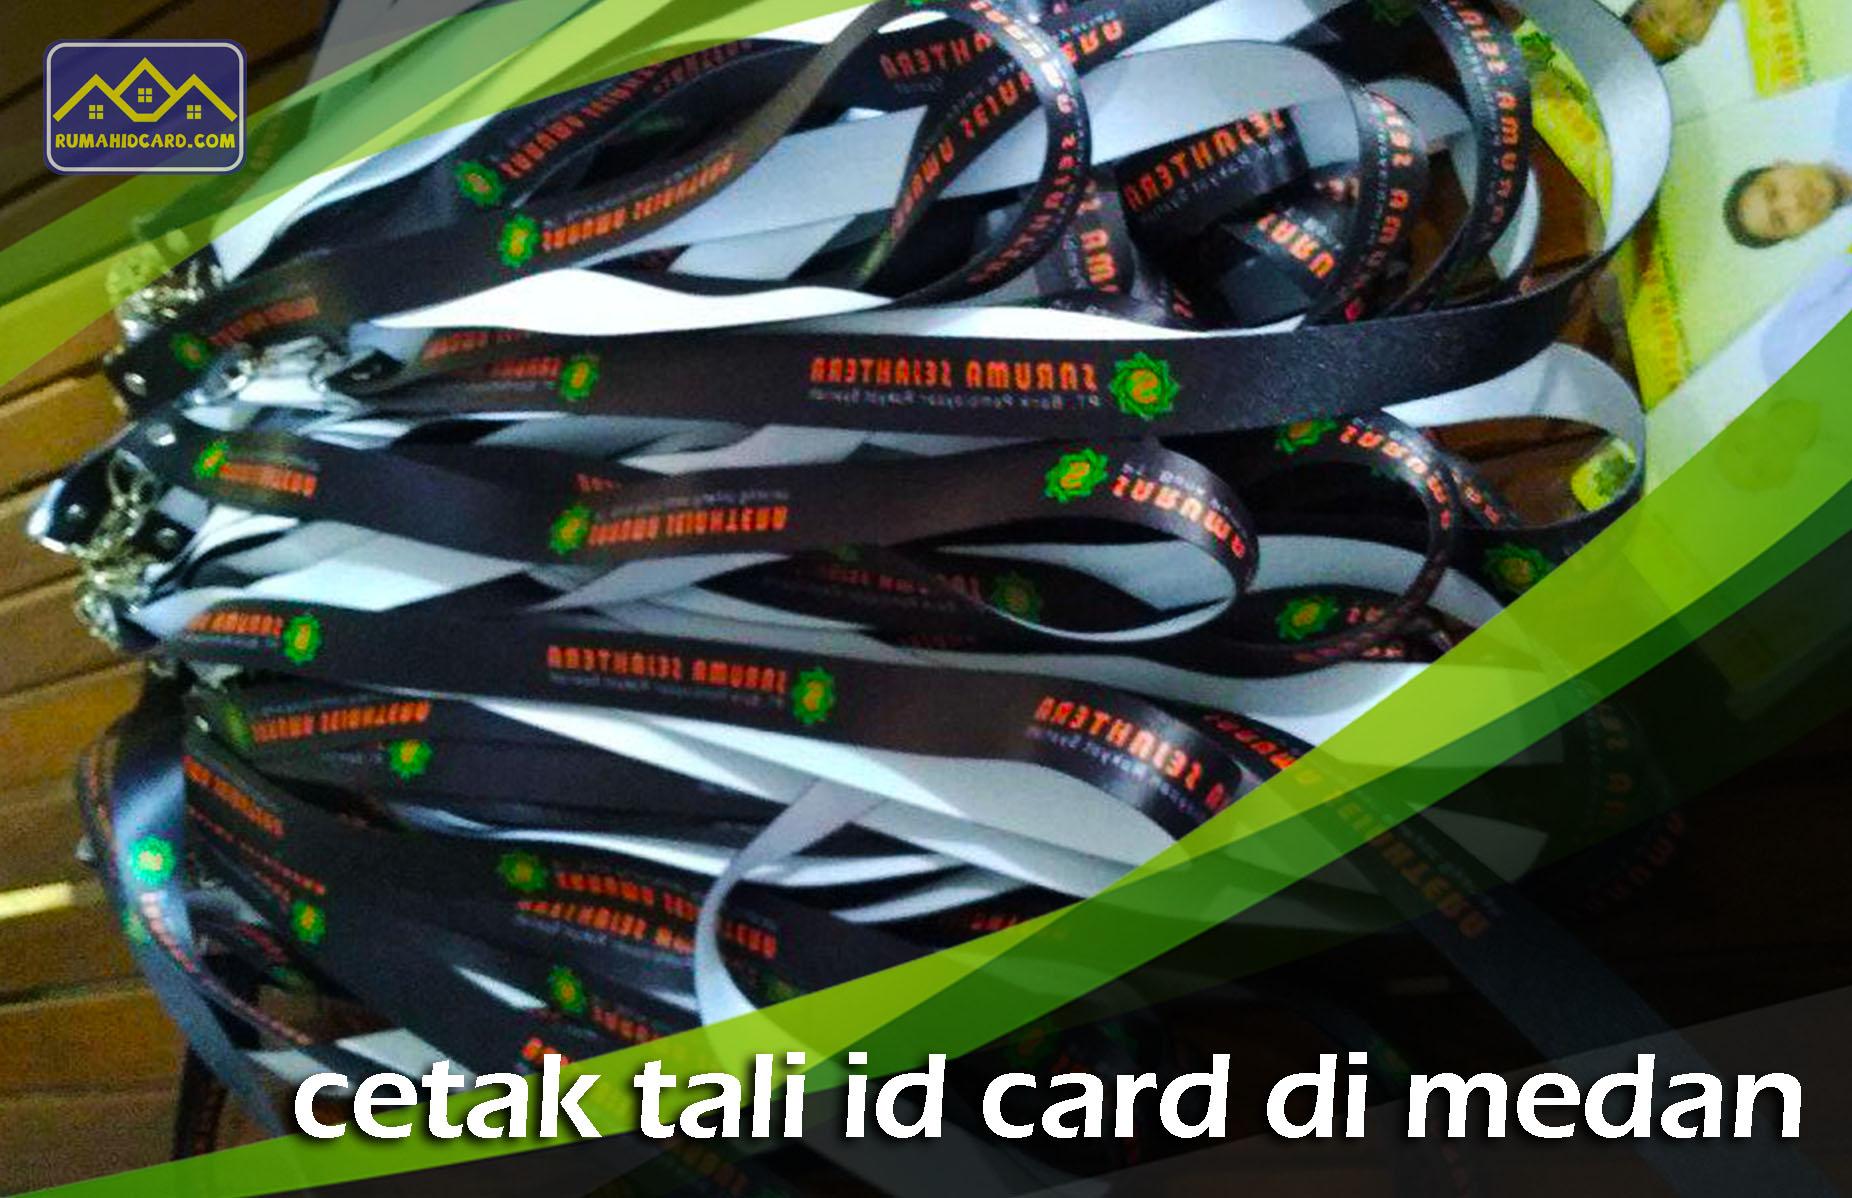 Cetak Tali ID Card di Medan